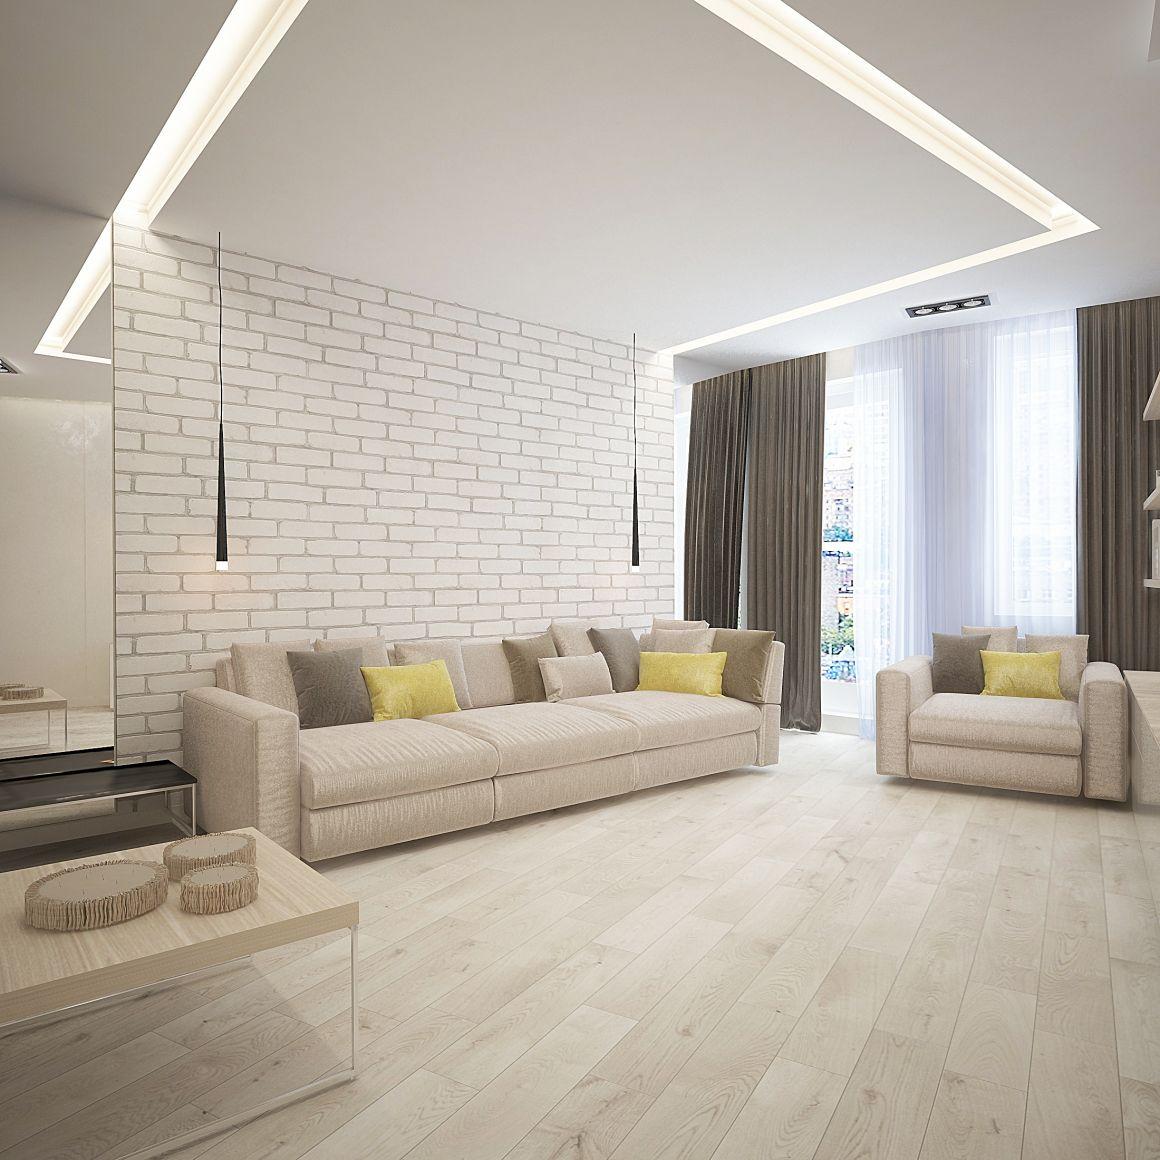 Дизайн проект квартиры для молодой семьи